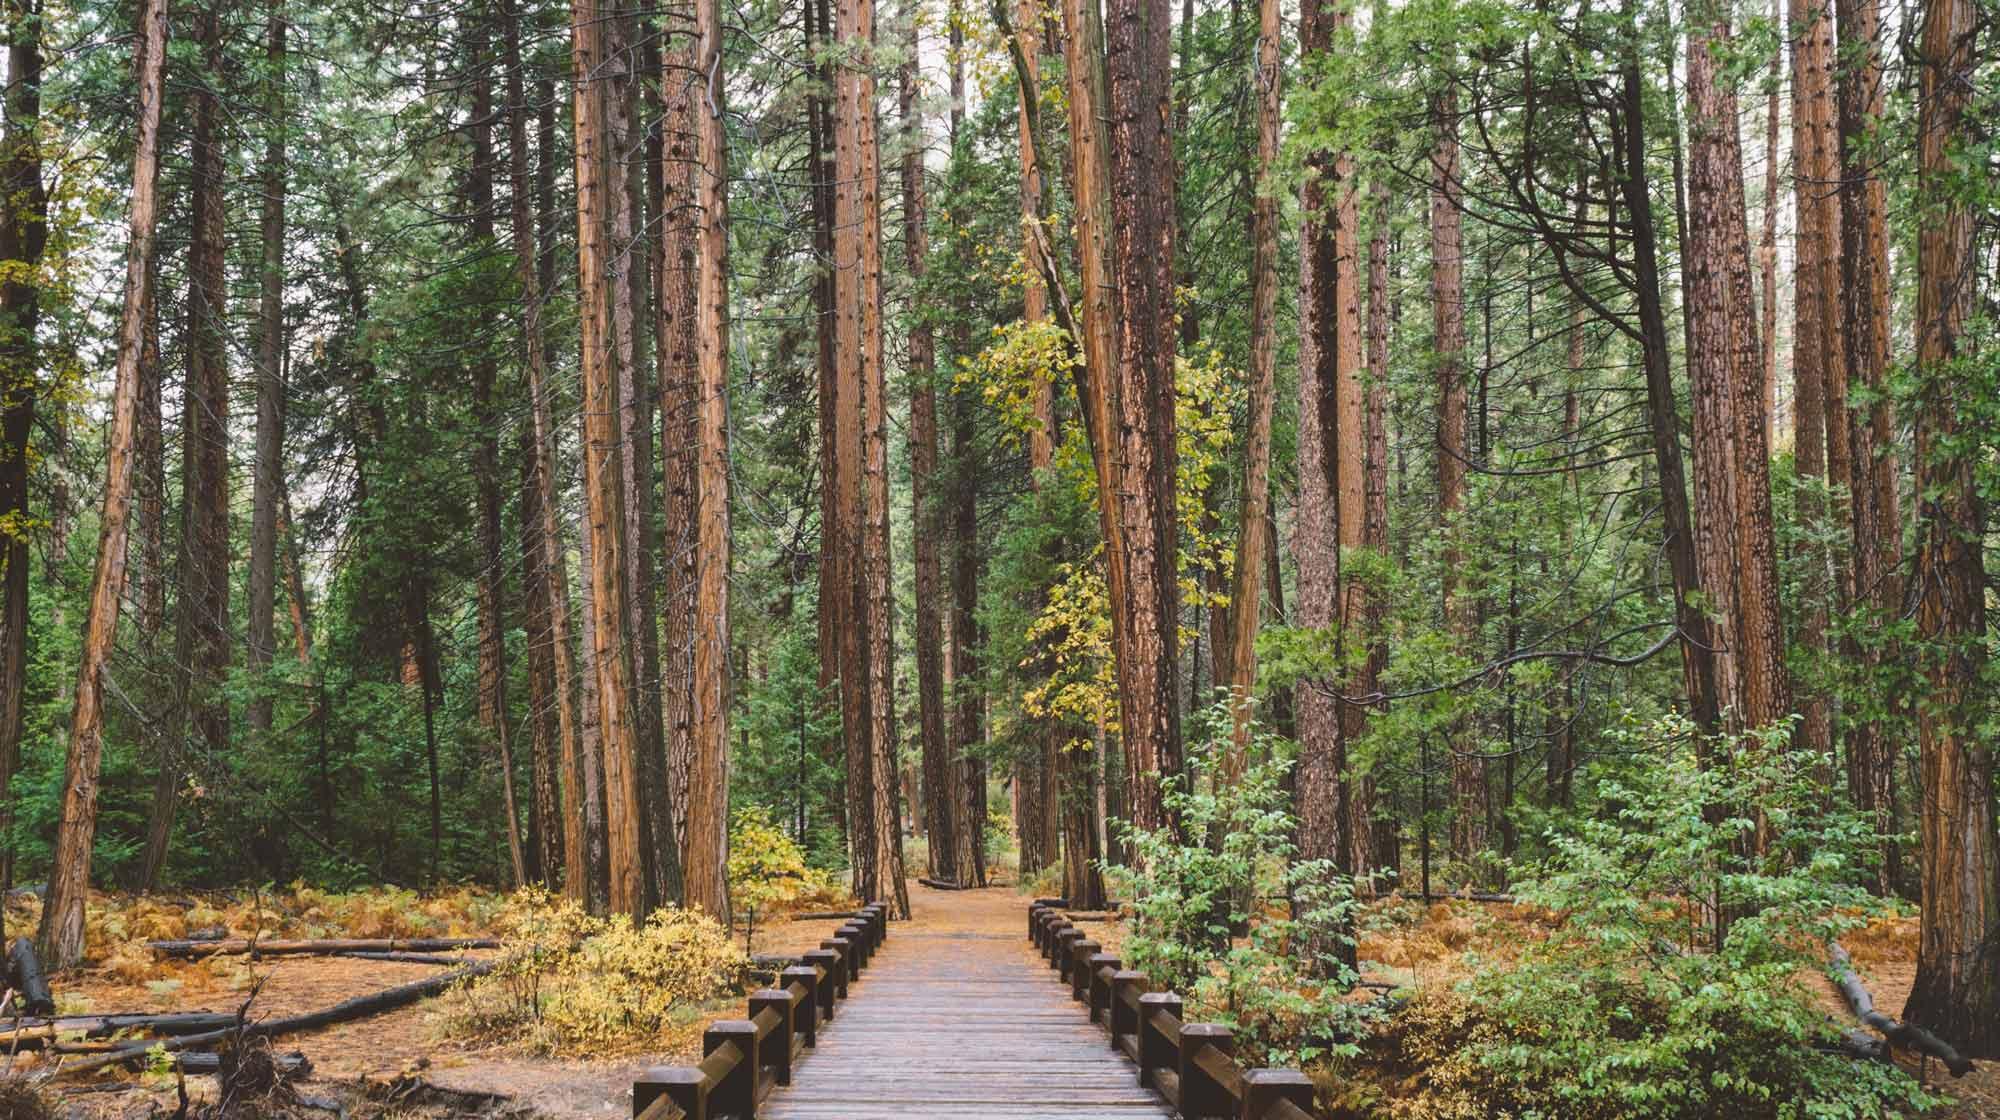 forrest-path-wood2000x1120web.jpg